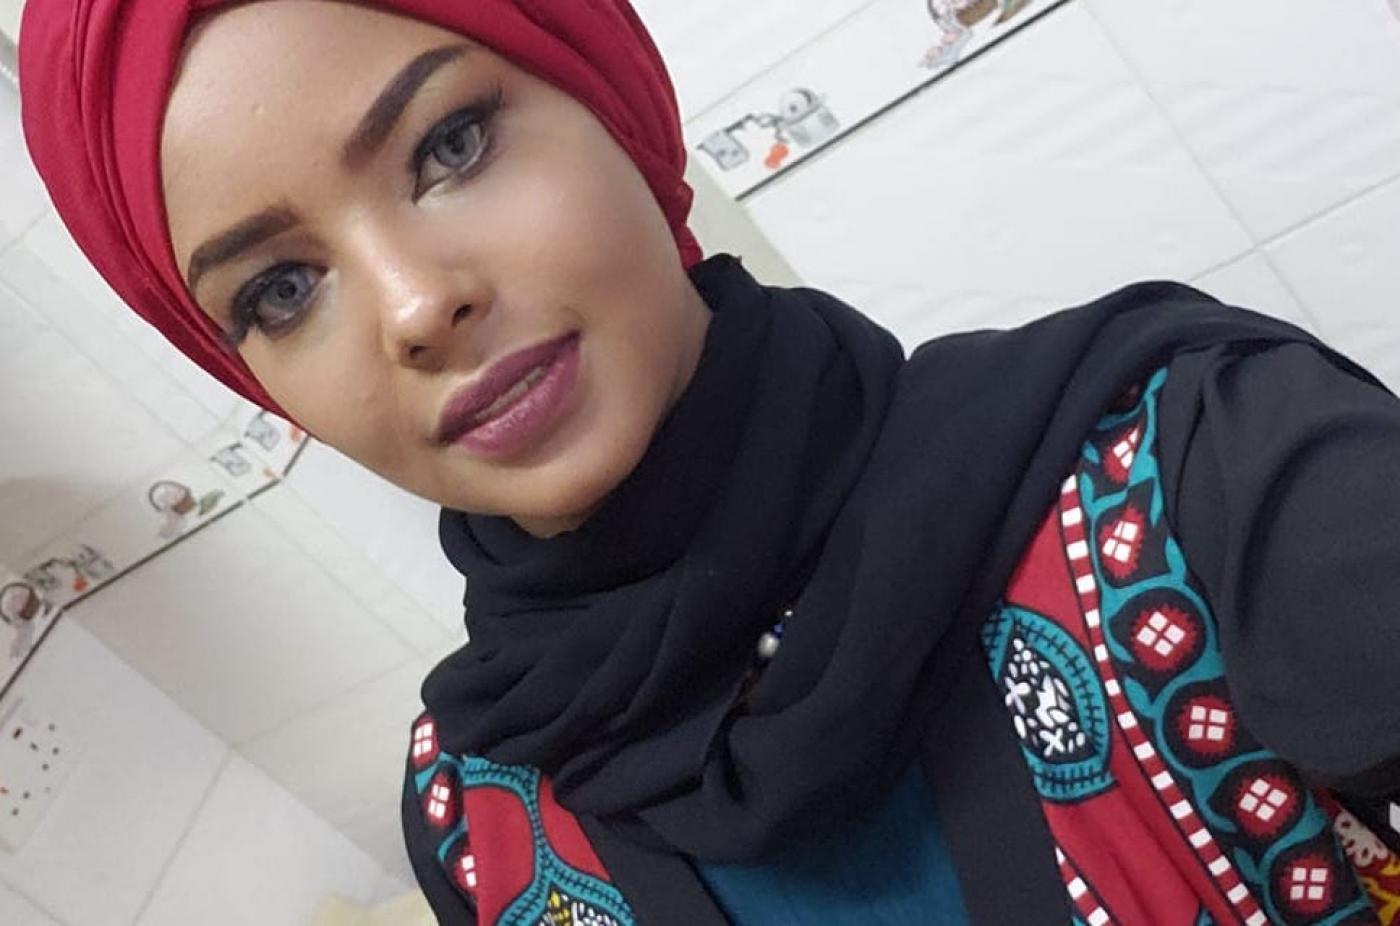 جماعات حقوقية تؤكد محاولة انتصار الحمادي عارضة الأزياء اليمنية البارزة الانتحار في سجن للحوثيين